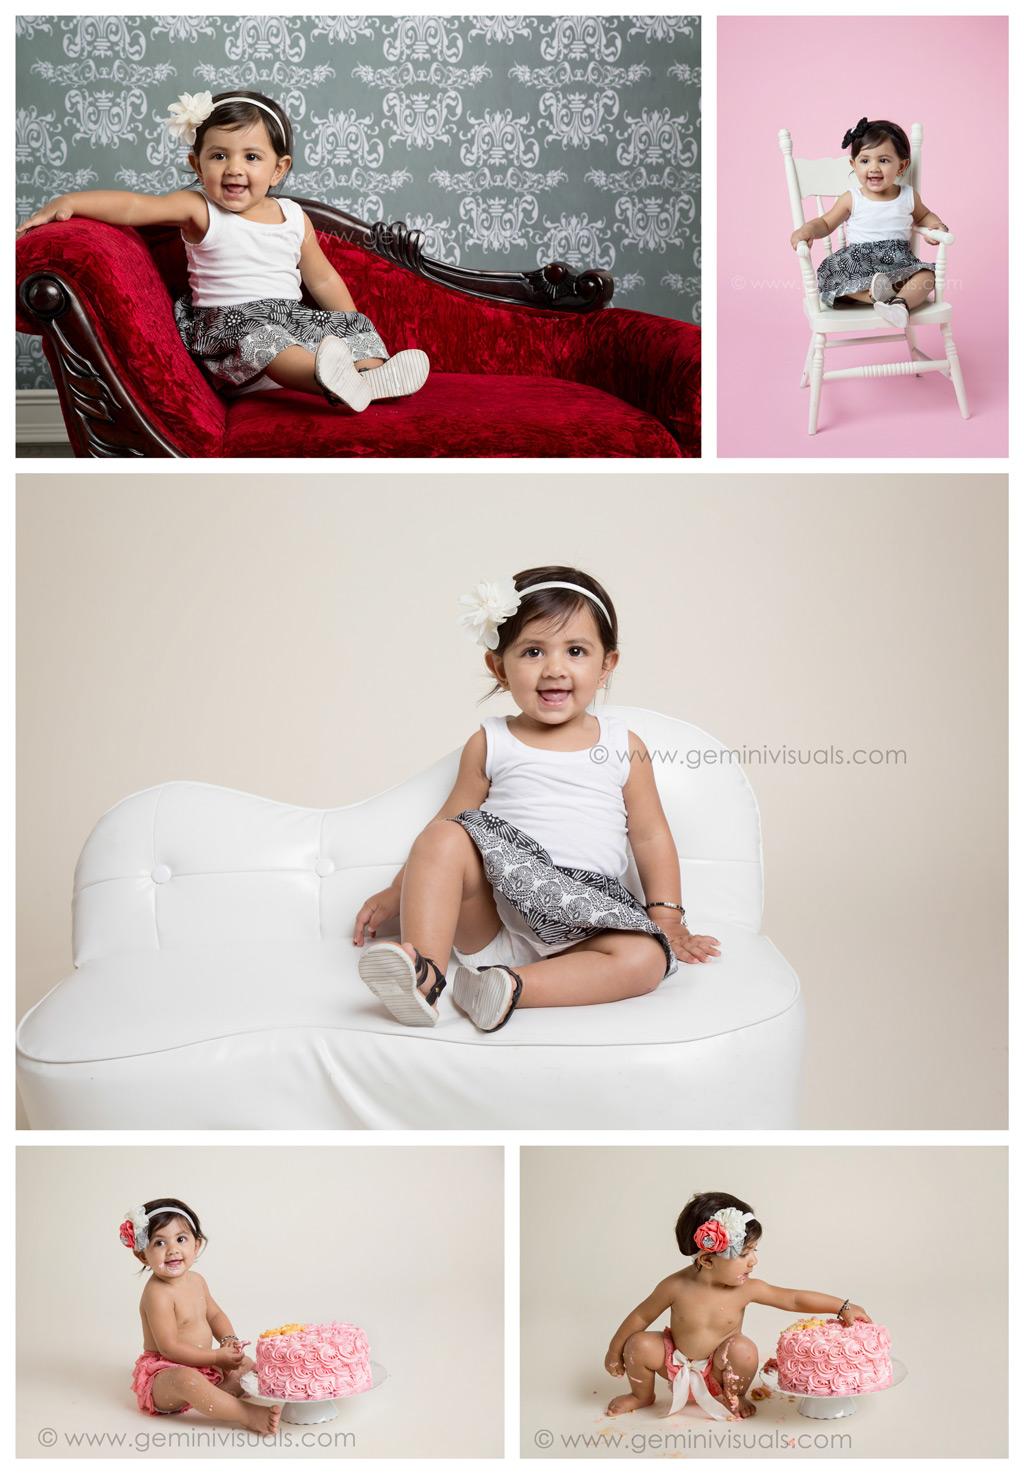 cakesmash-images